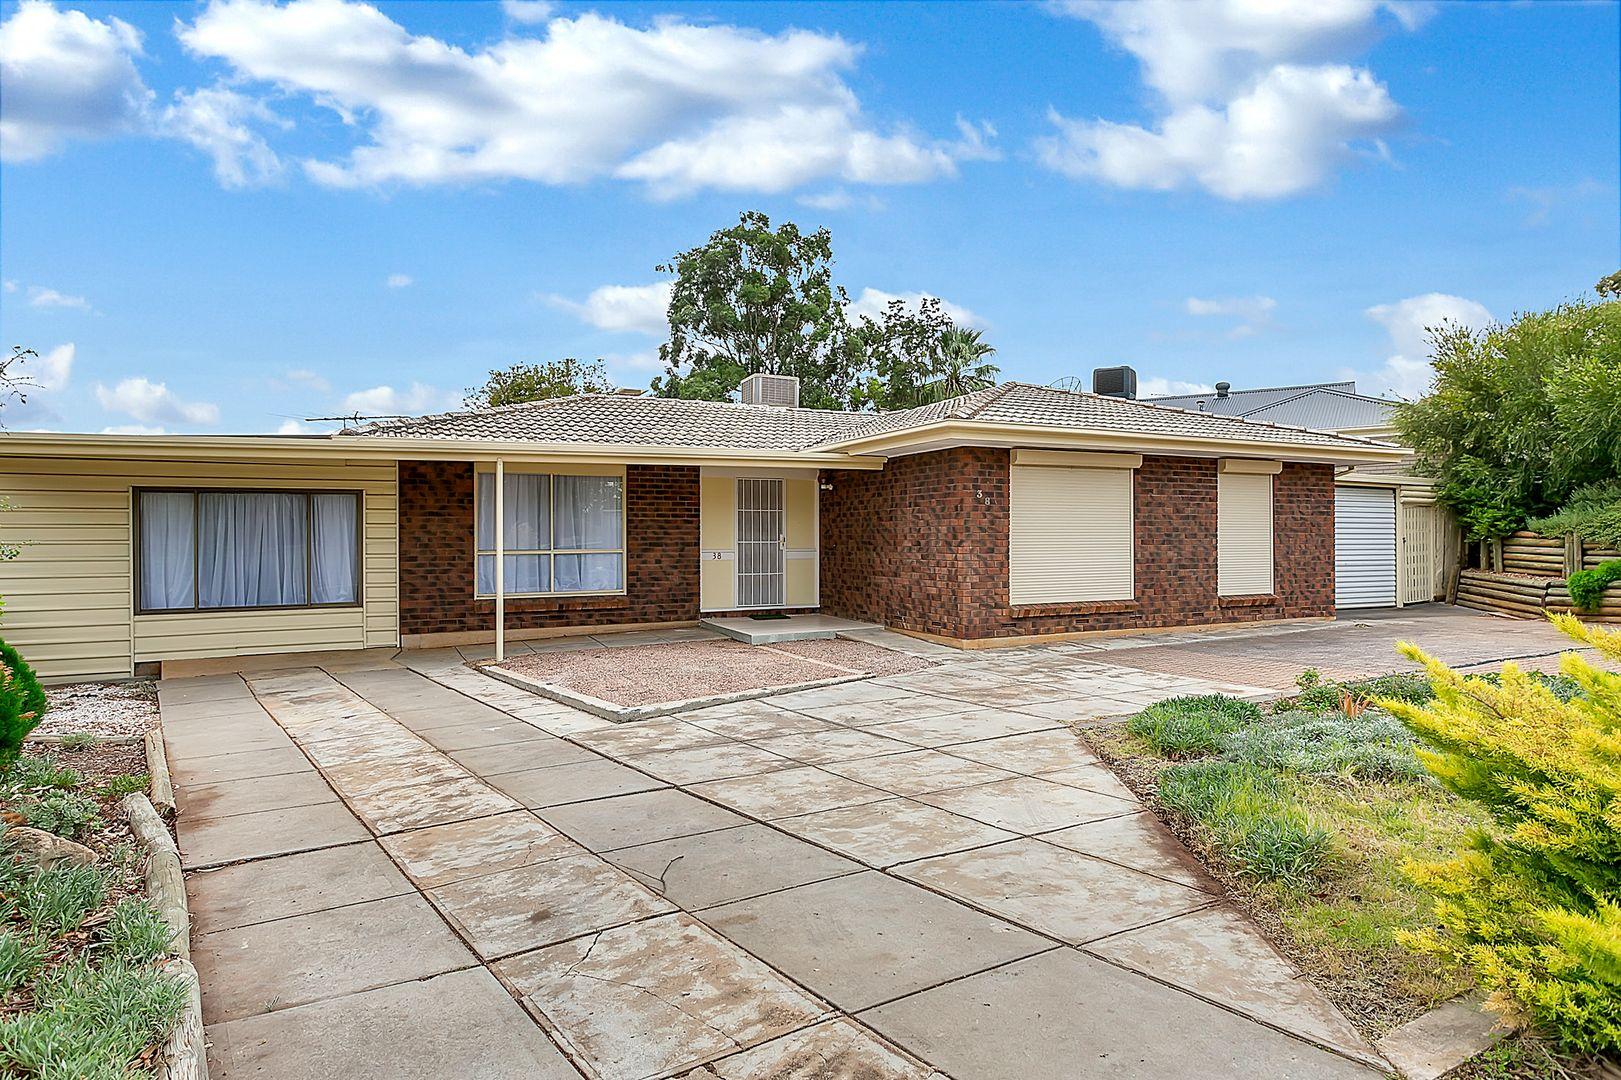 38 Wynn Vale Drive, Gulfview Heights SA 5096, Image 0